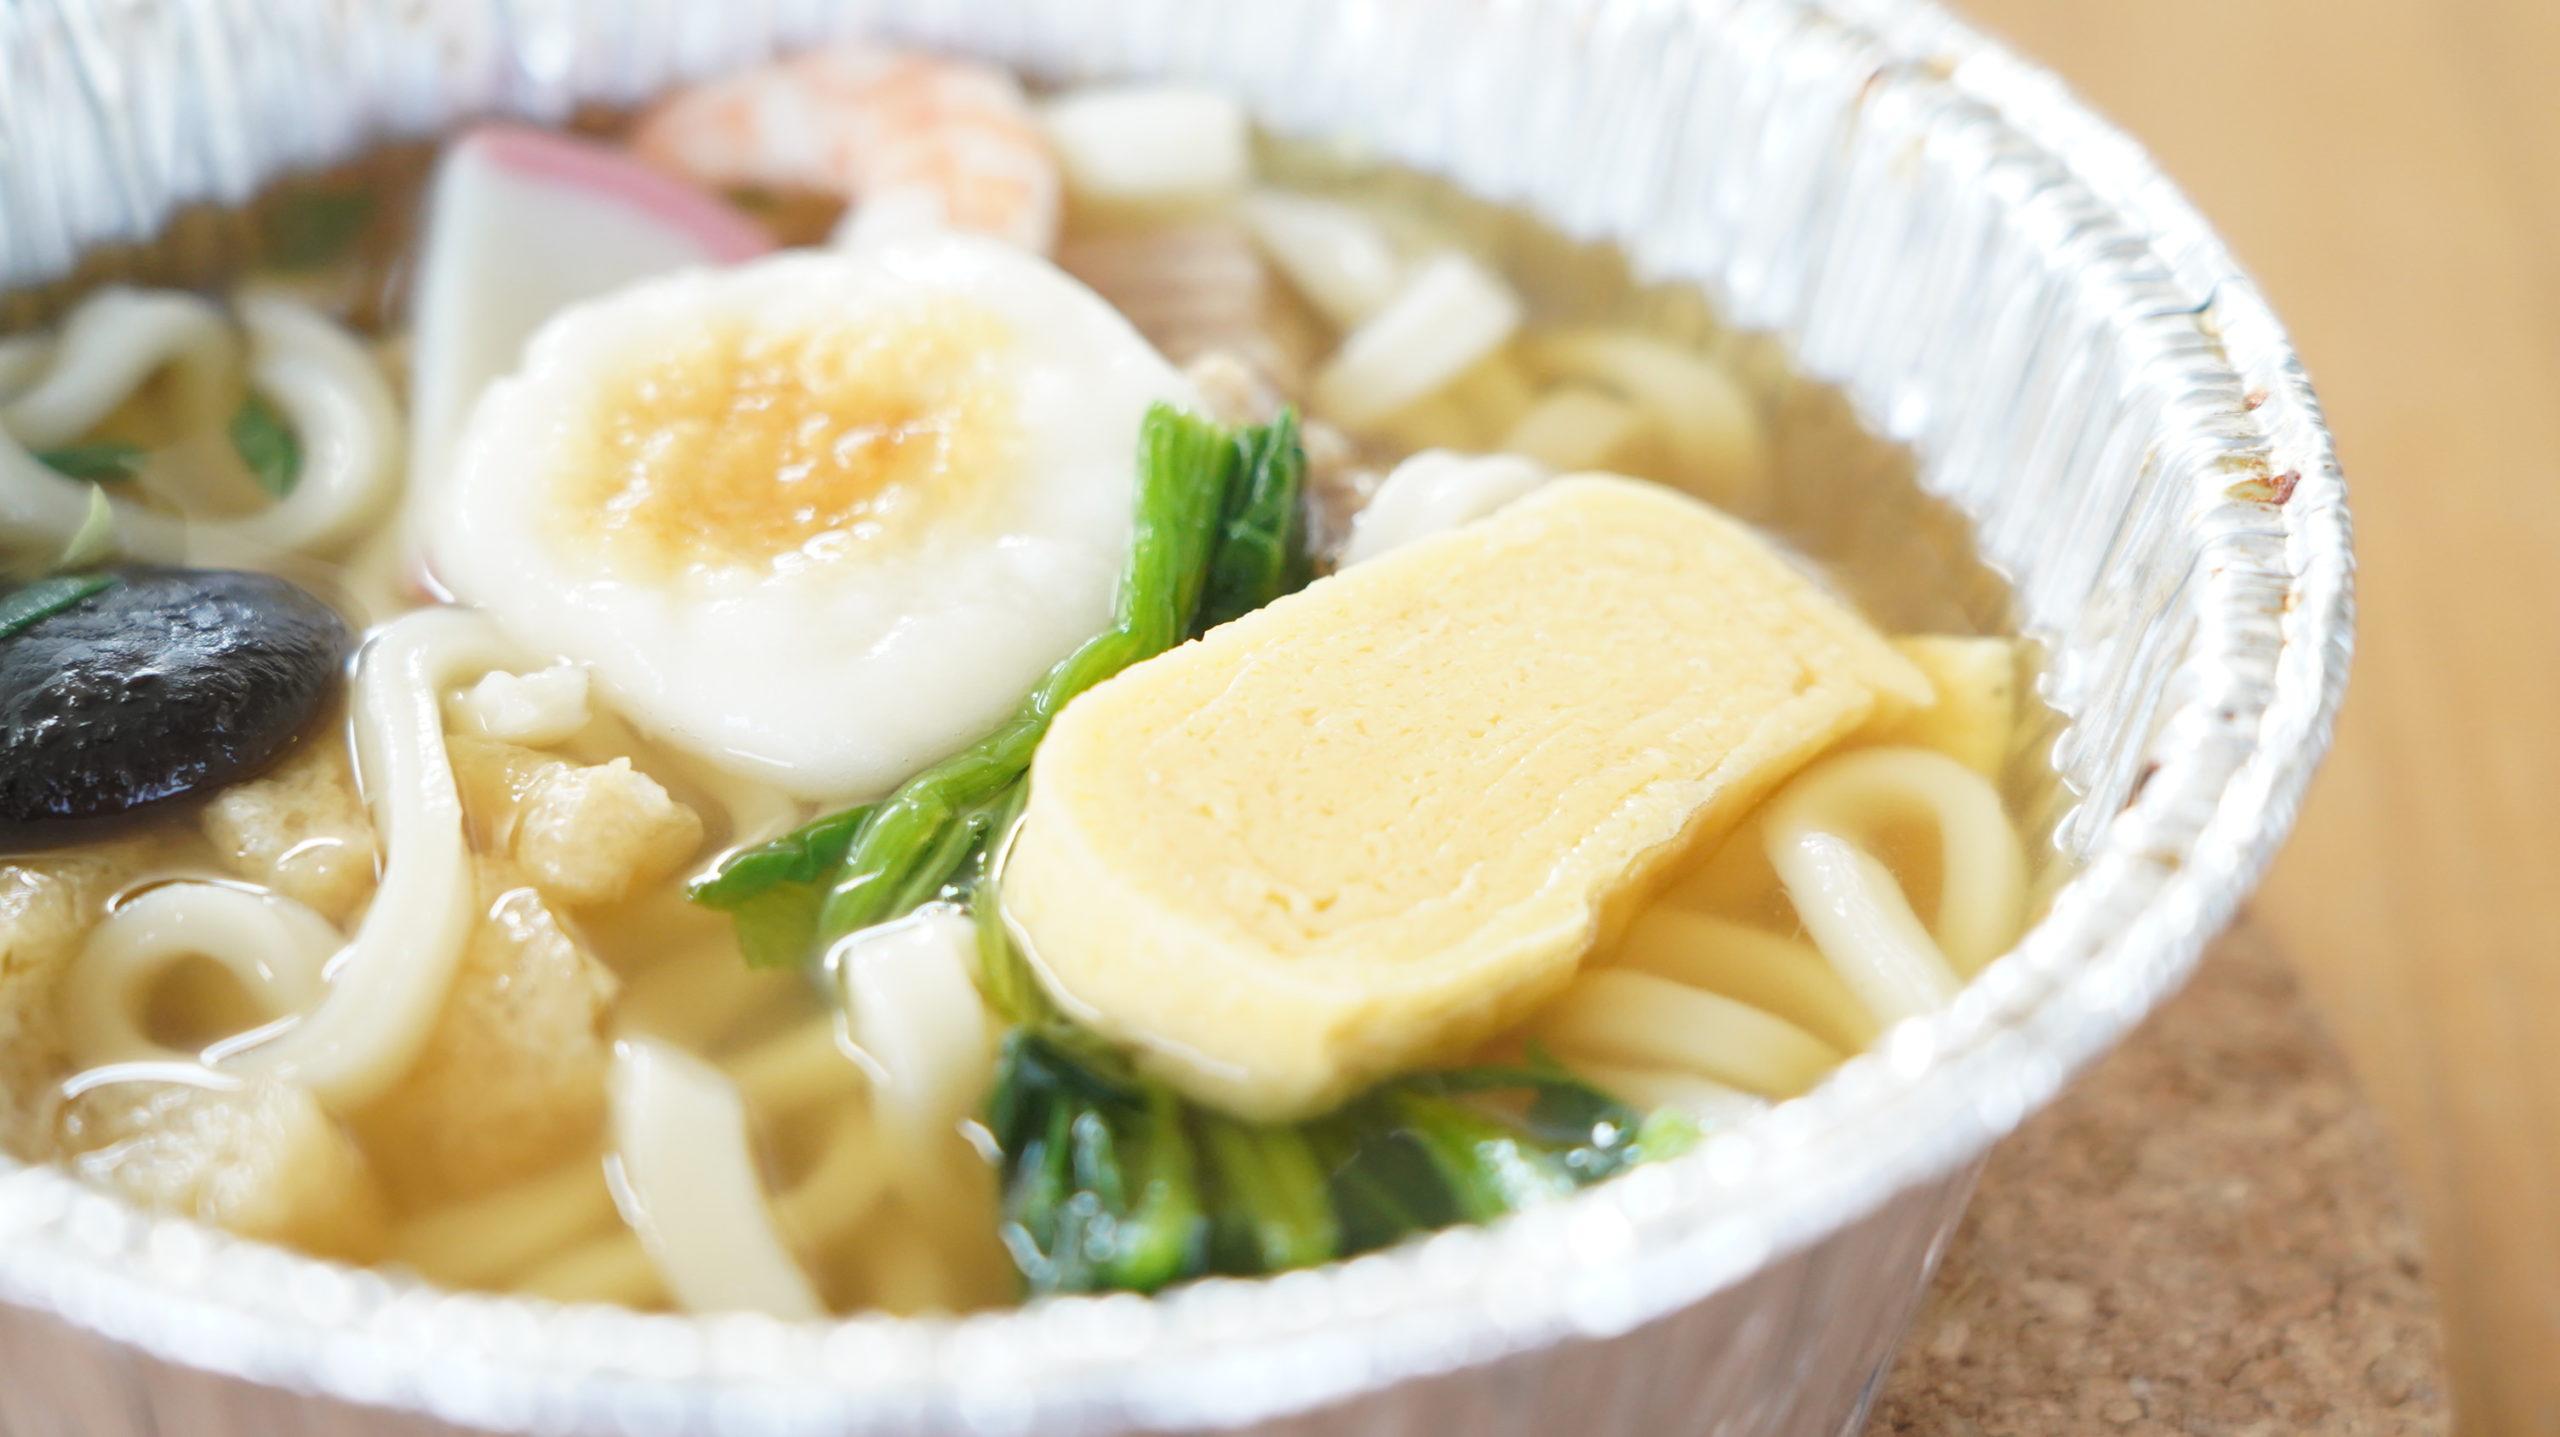 セブンイレブンの冷凍食品「関西風だし・鍋焼うどん」の出汁巻たまごの写真